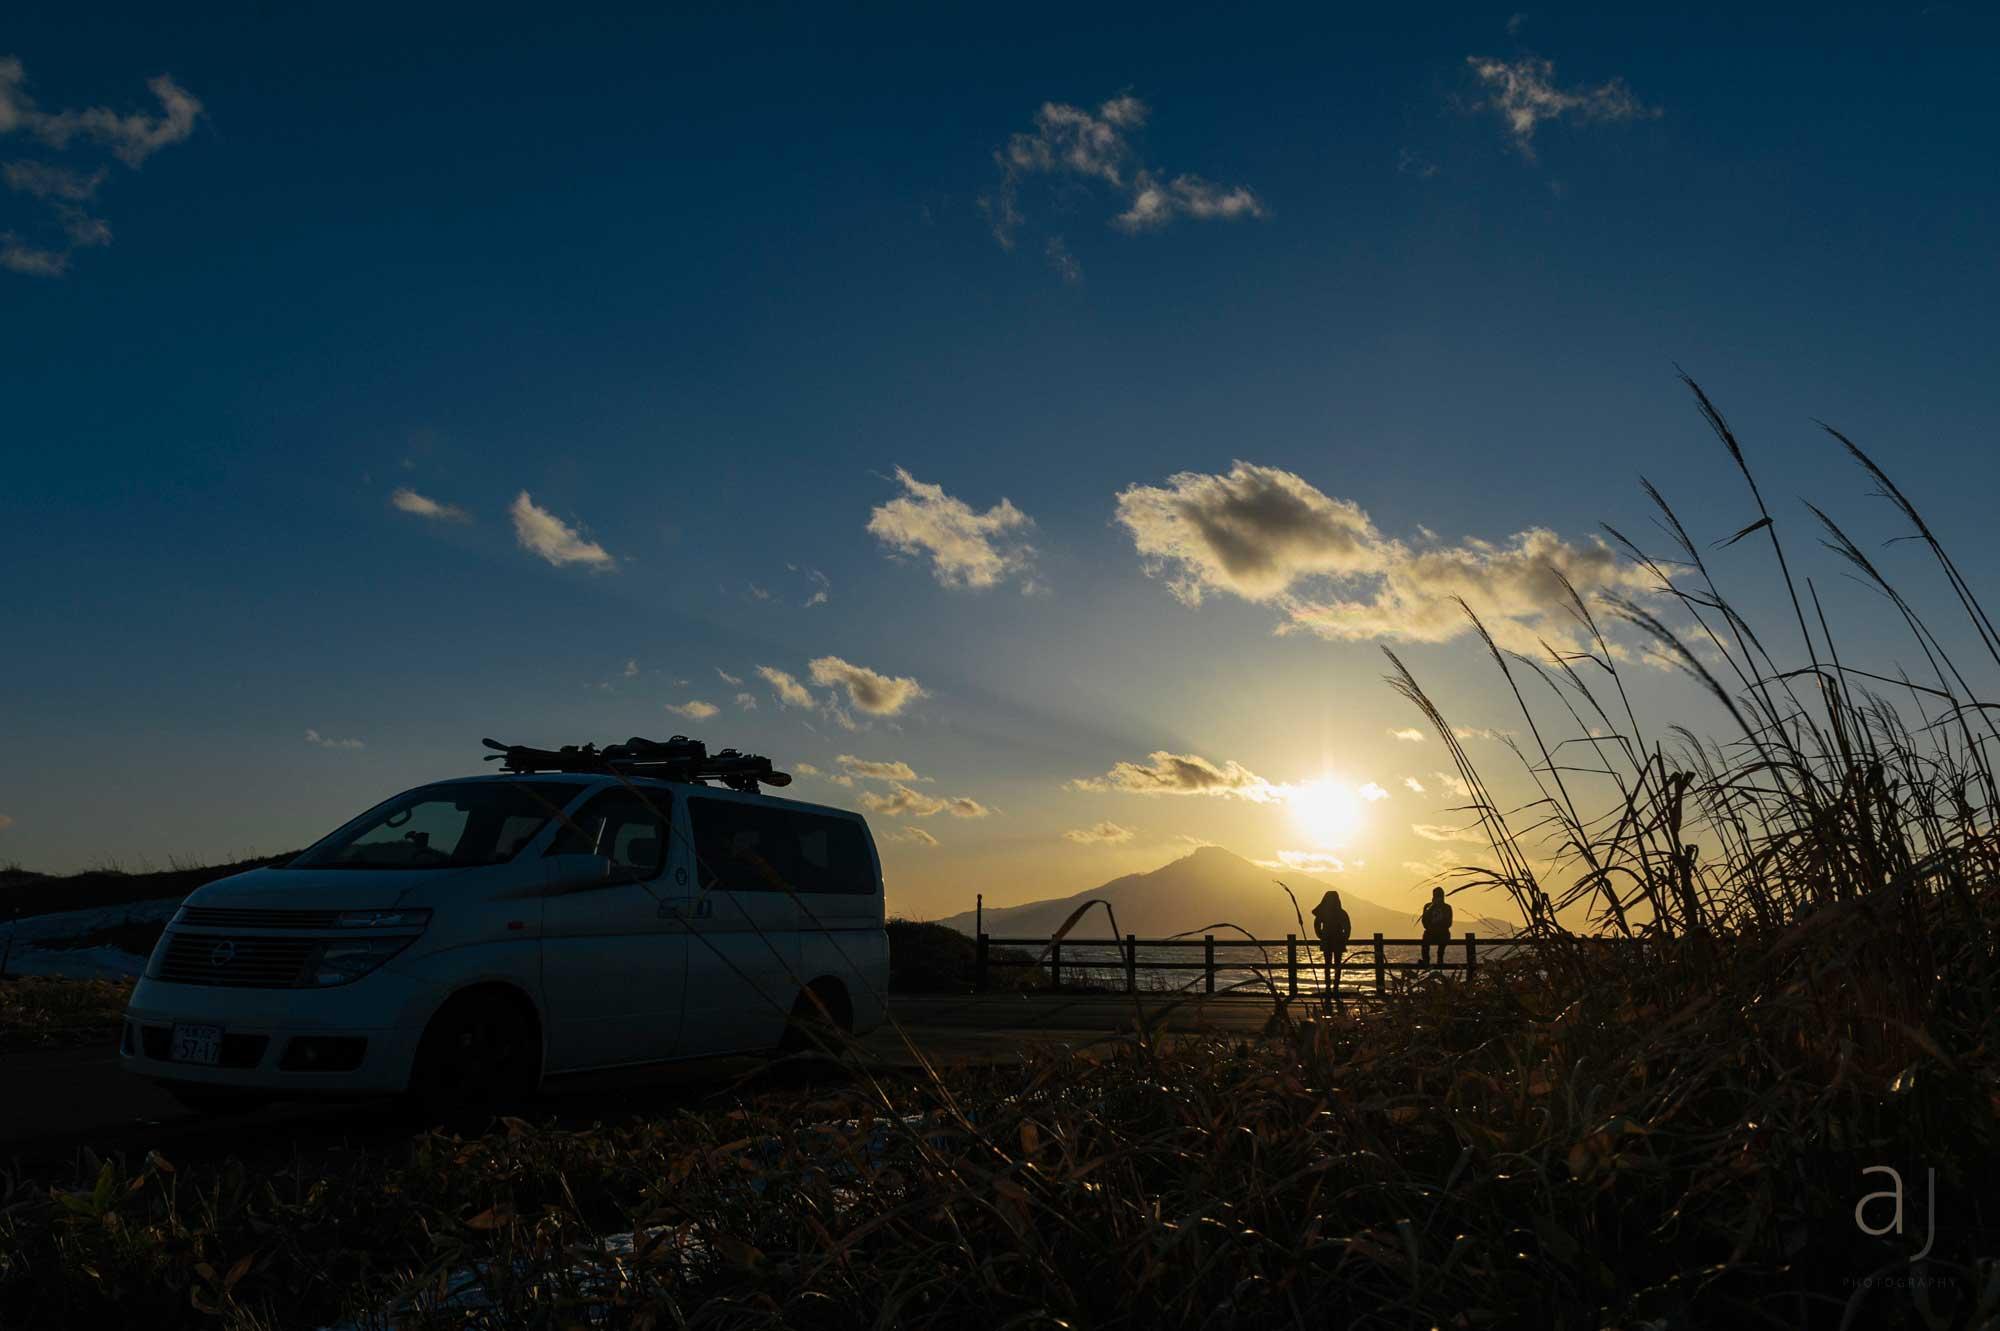 Sonnenaufgang über der kleinen Vulkaninsel Rishiri vor der Küste Hokaidos. Jeden Tag geht die Sonne direkt über dem erloschenen Vulkan auf. Der Welt ist das egal. Für Einheimische und die Handvoll Reisender, die es hierher verschlägt, ist es Magie.